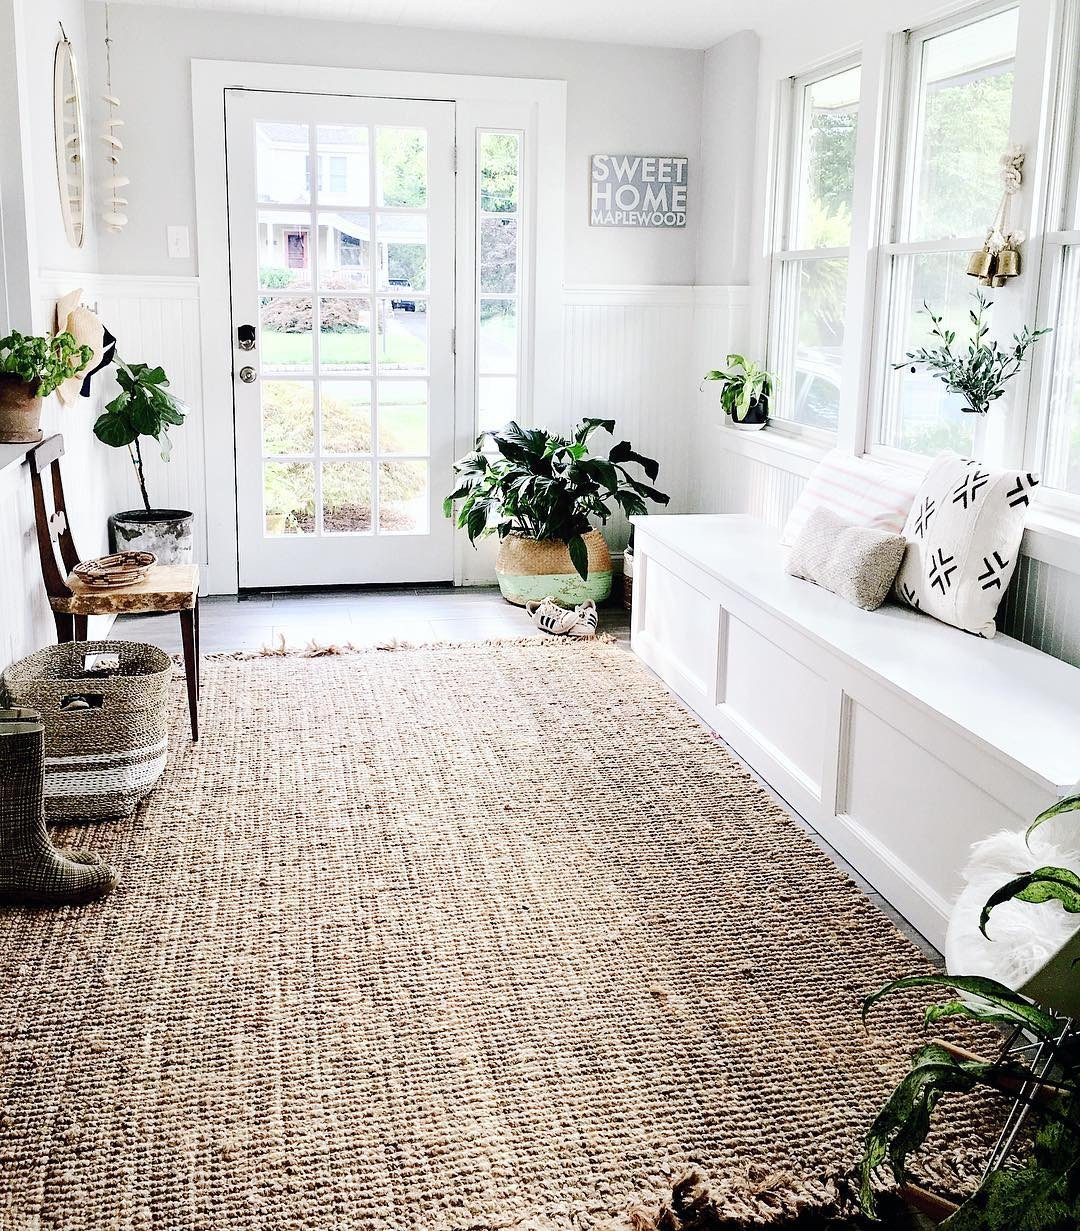 Farmhouse Living Room with Rug 17 Durable Farmhouse Rugs